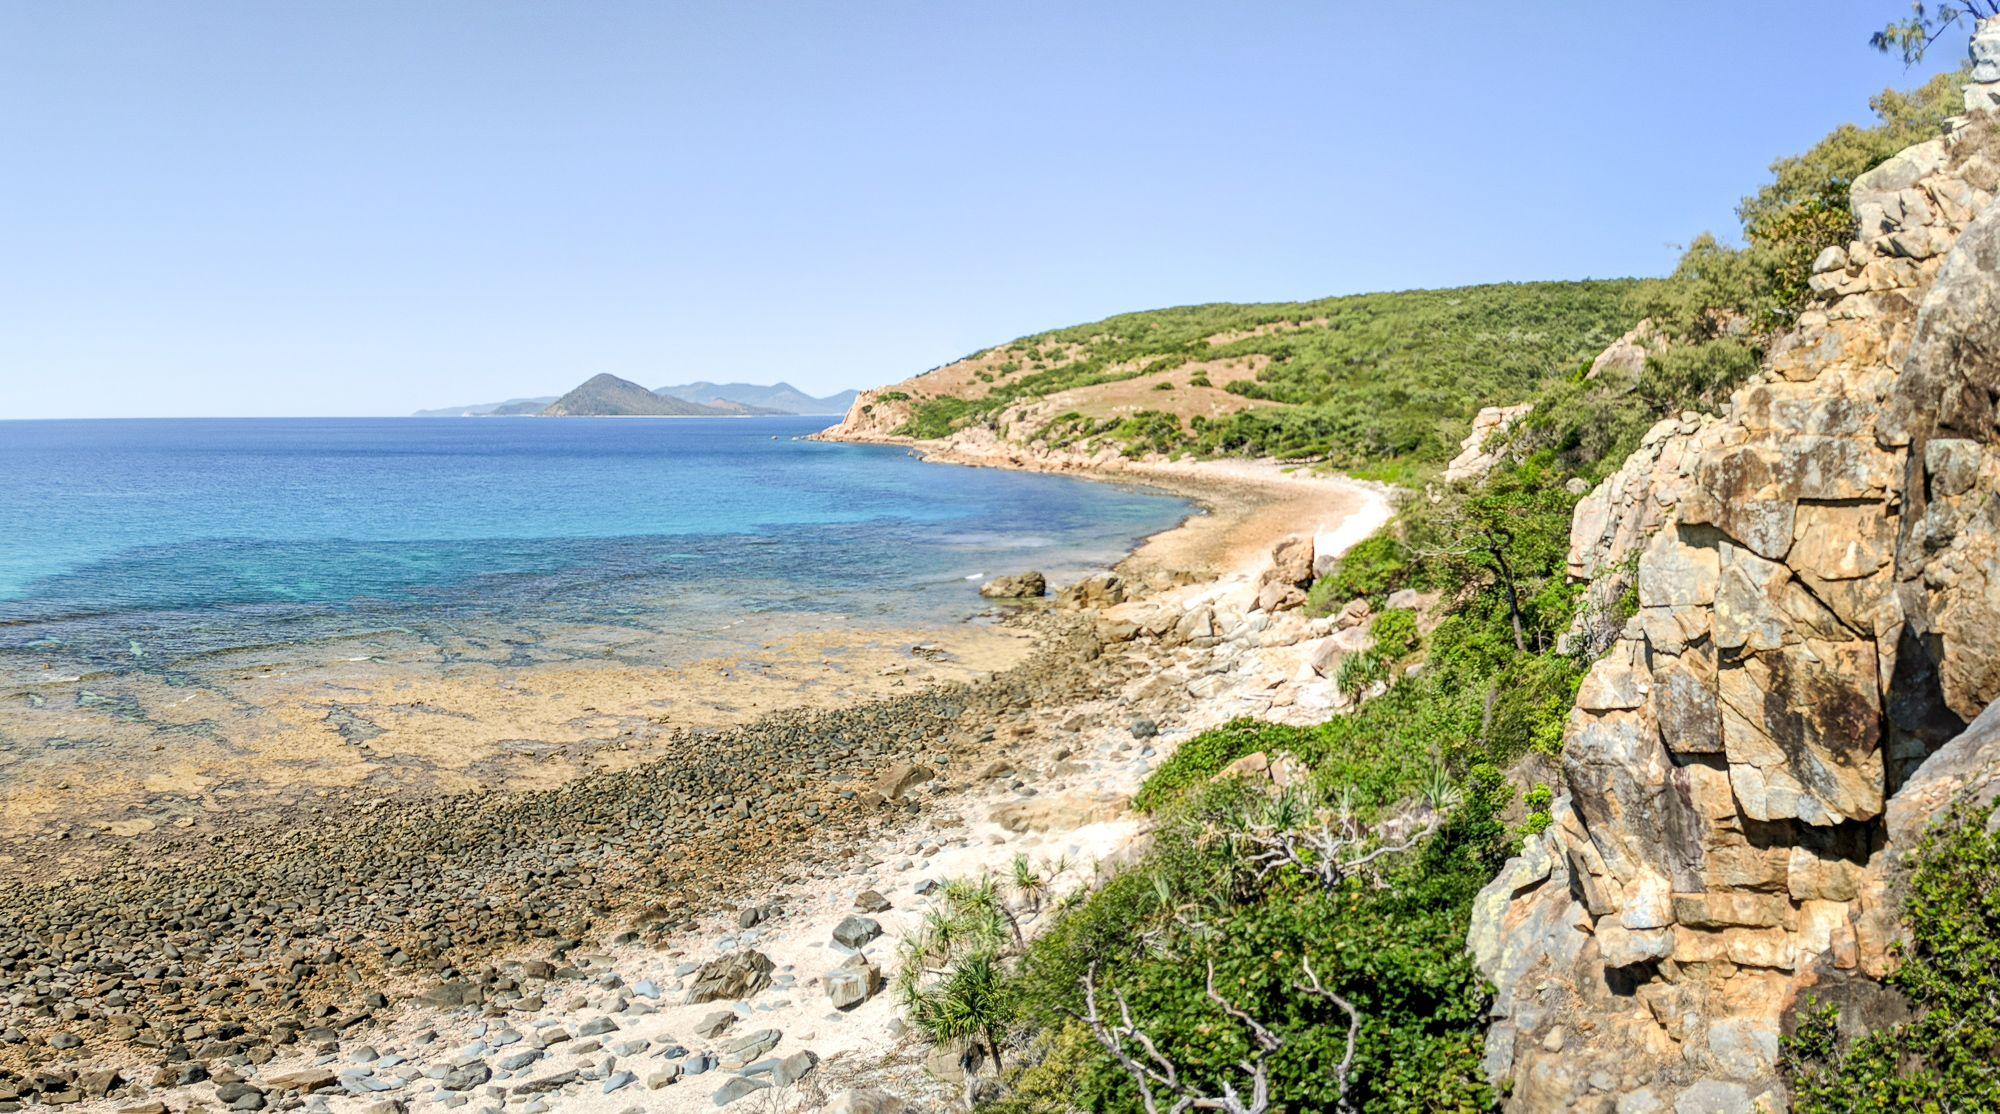 Orpheus Island coastline